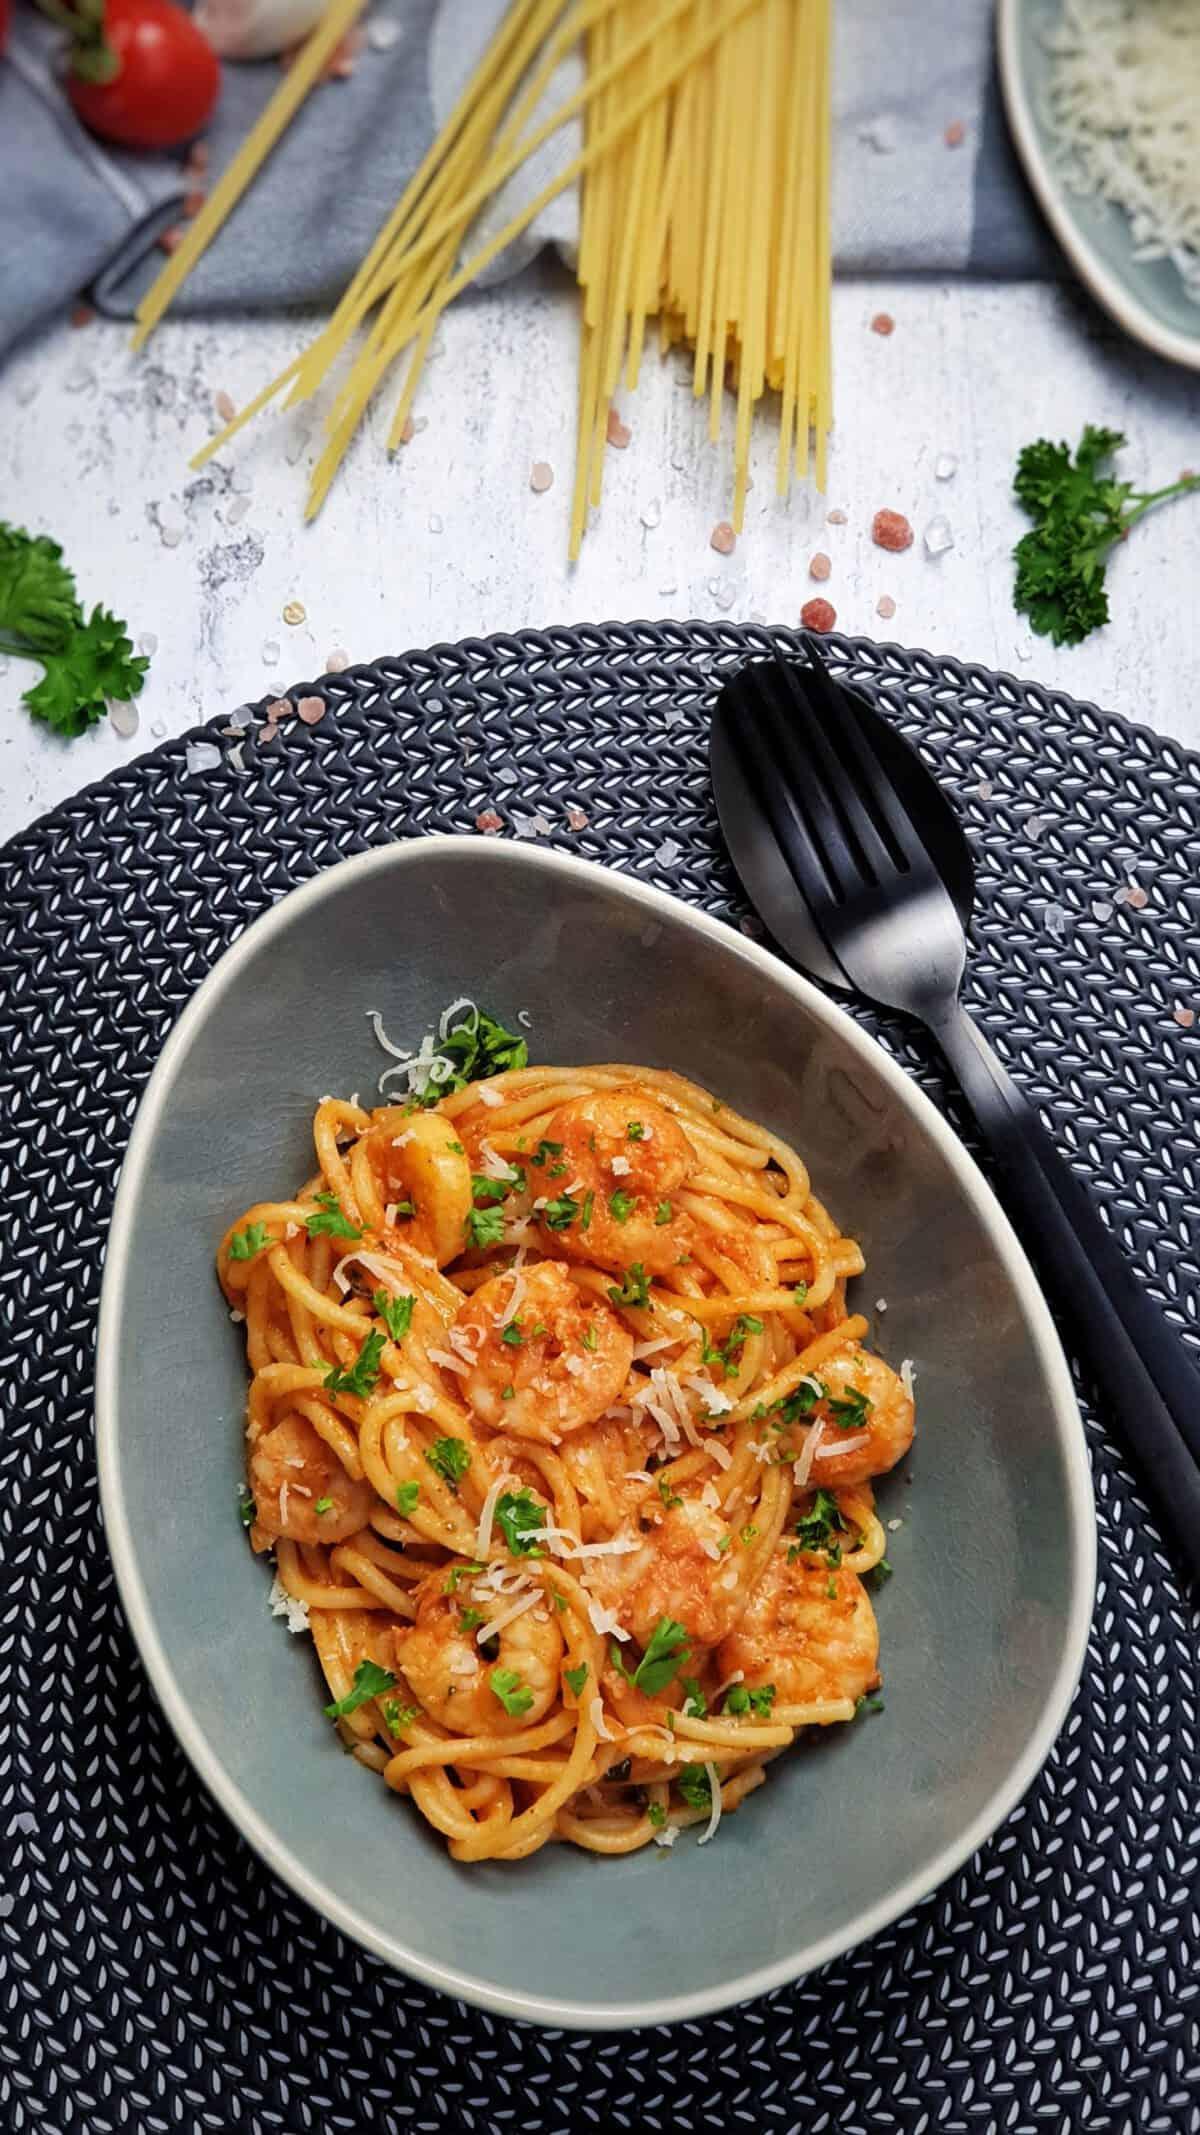 In einer blau grauen, ovalen Schale angerichtet Spaghetti mit Shrimps und Tomatensoße. Die Spaghetti sind mit Petersilie und Parmesan bestreut. Im Hintergrund Deko.